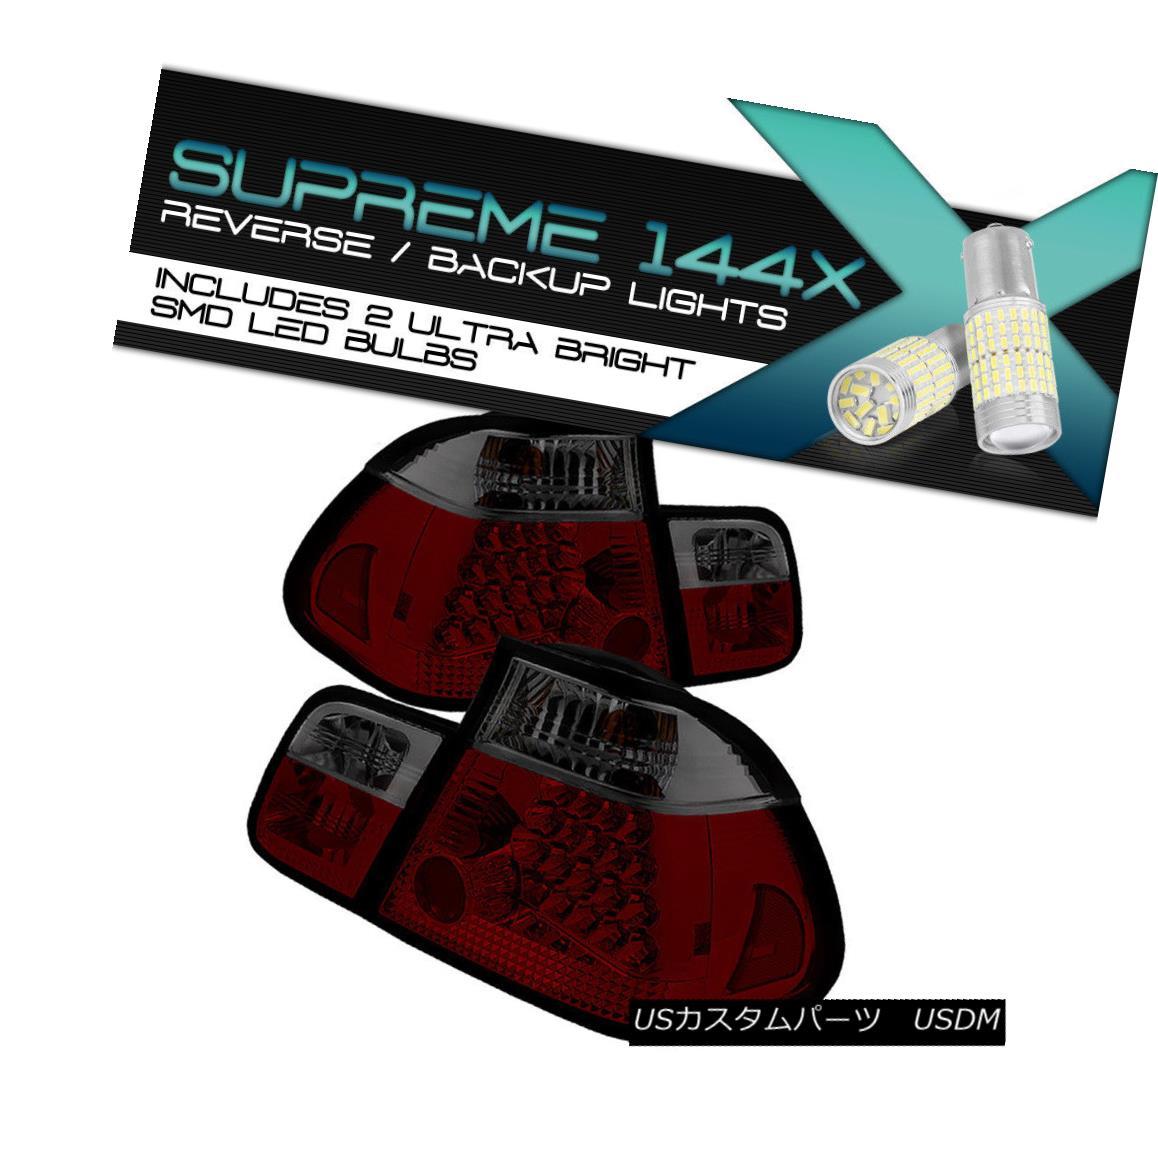 テールライト !360 DEGREE SMD BACKUP! BMW E46 3-Series 2002-2005 4DR RED SMOKE Tail Light LED 360°SMDバックアップ! BMW E46 3シリーズ2002-2005 4DR RED SMOKEテールライトLED